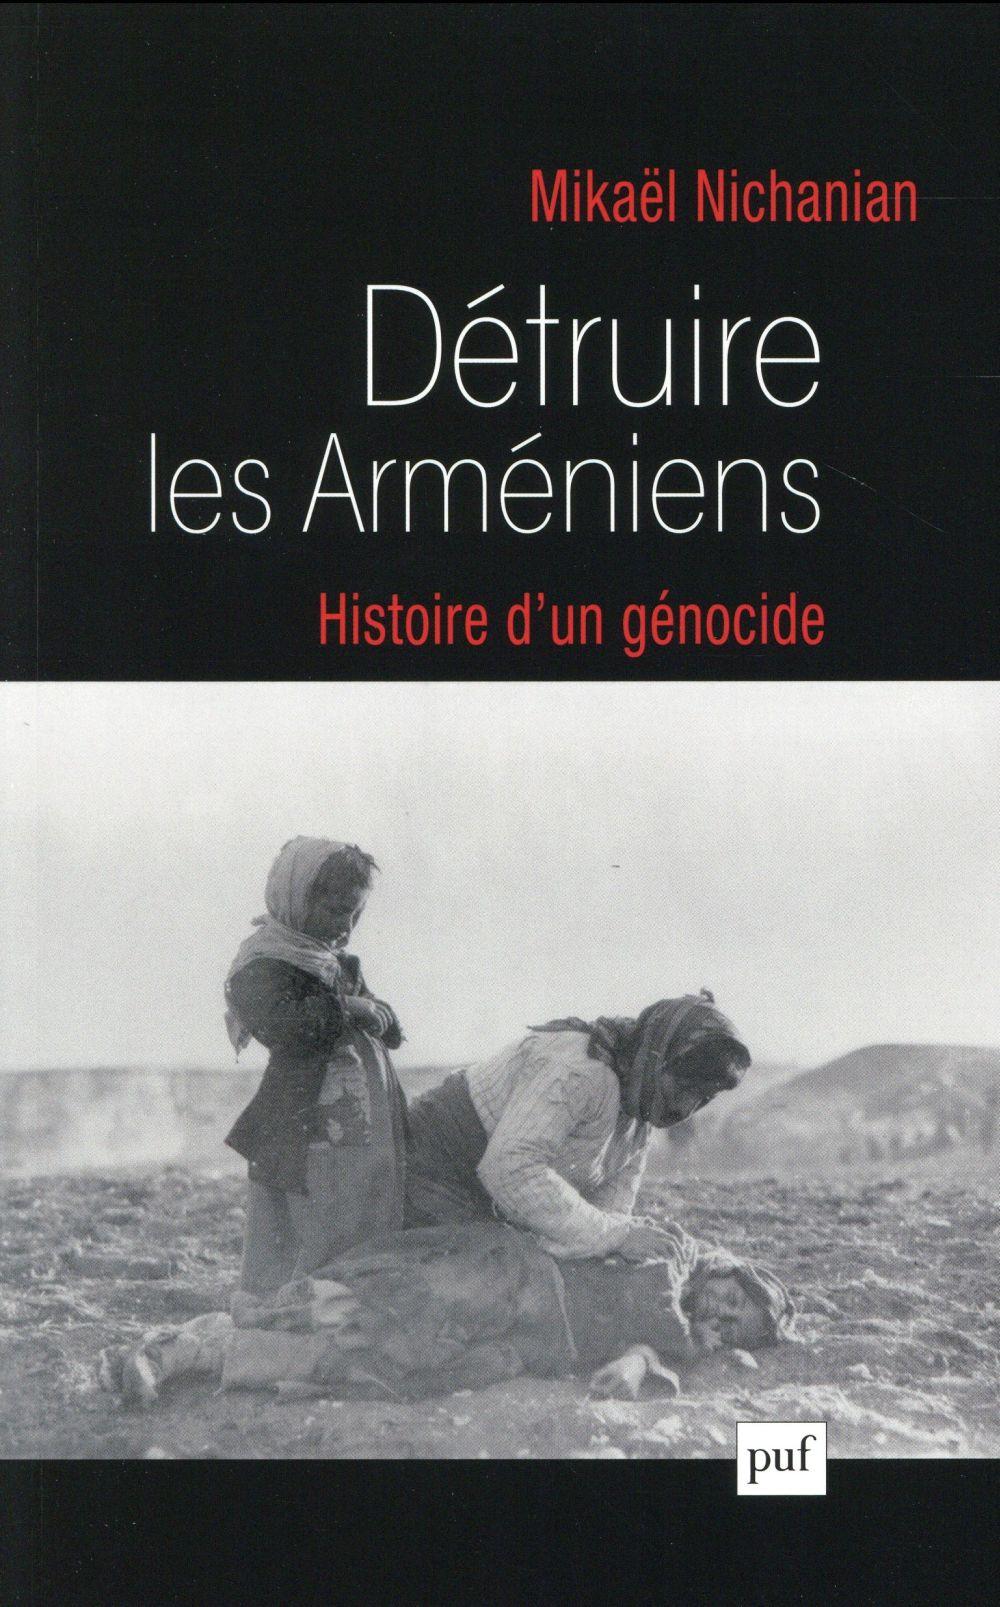 Détruire les Arméniens ; histoire d'un génocide